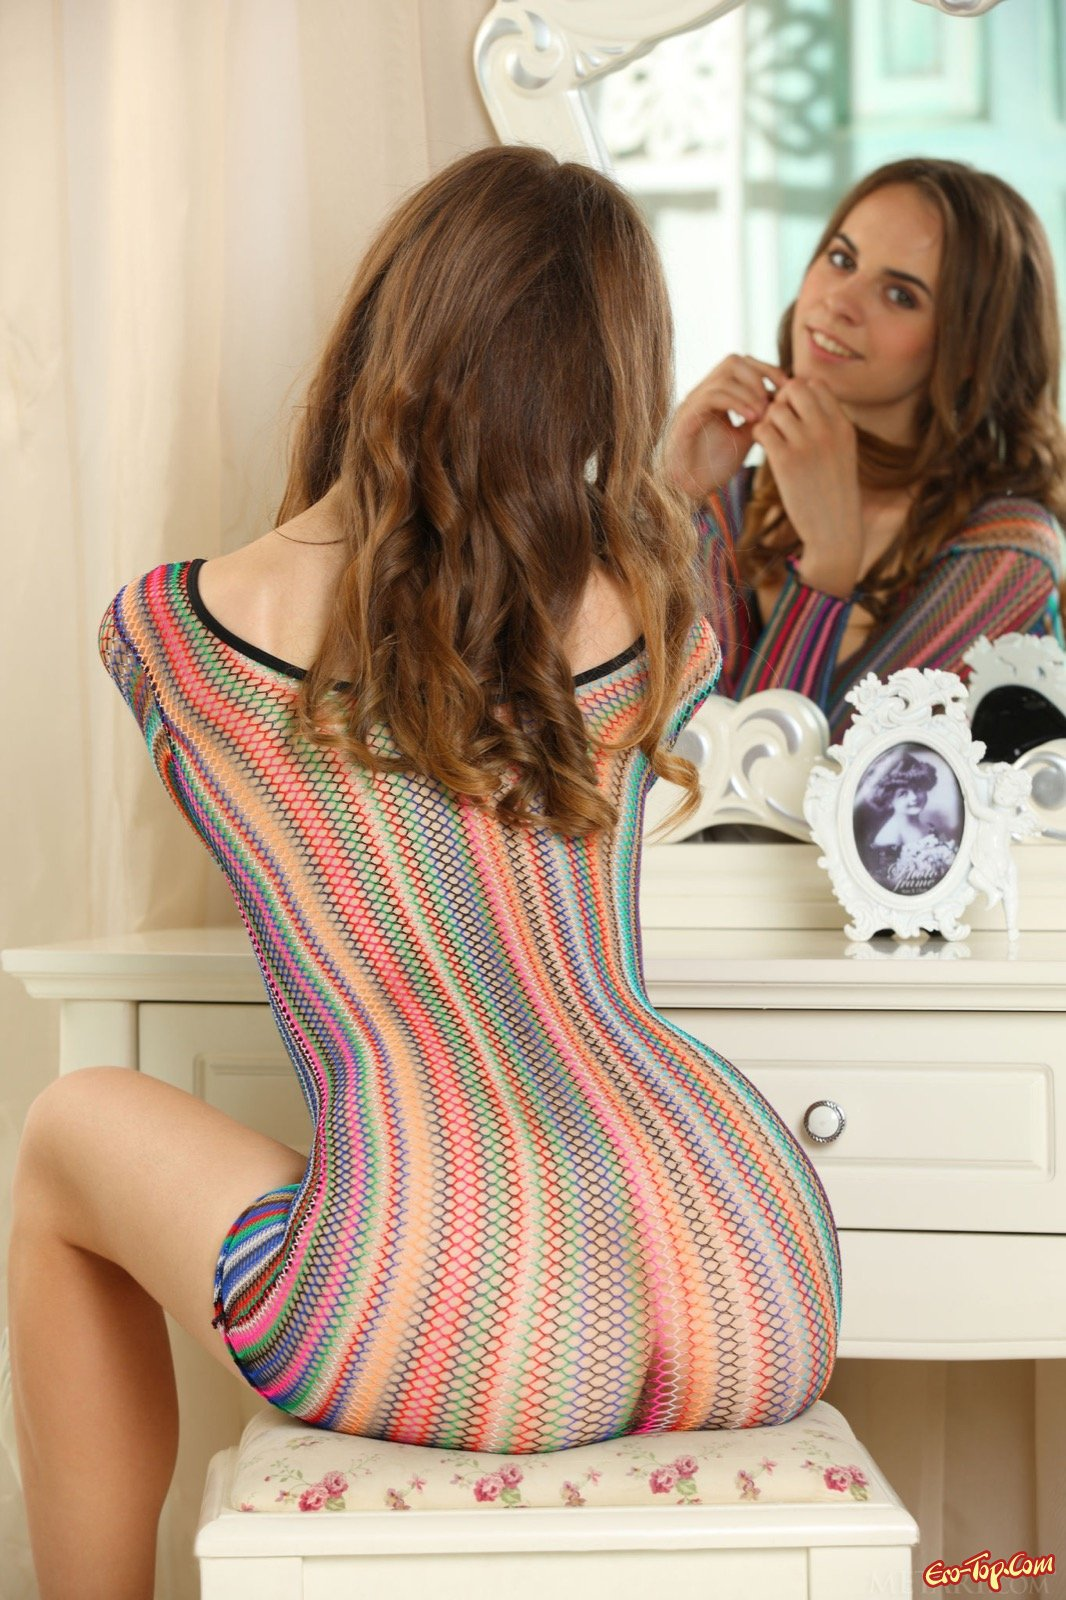 Худосочная баба в прозрачном платье на обнаженные груди